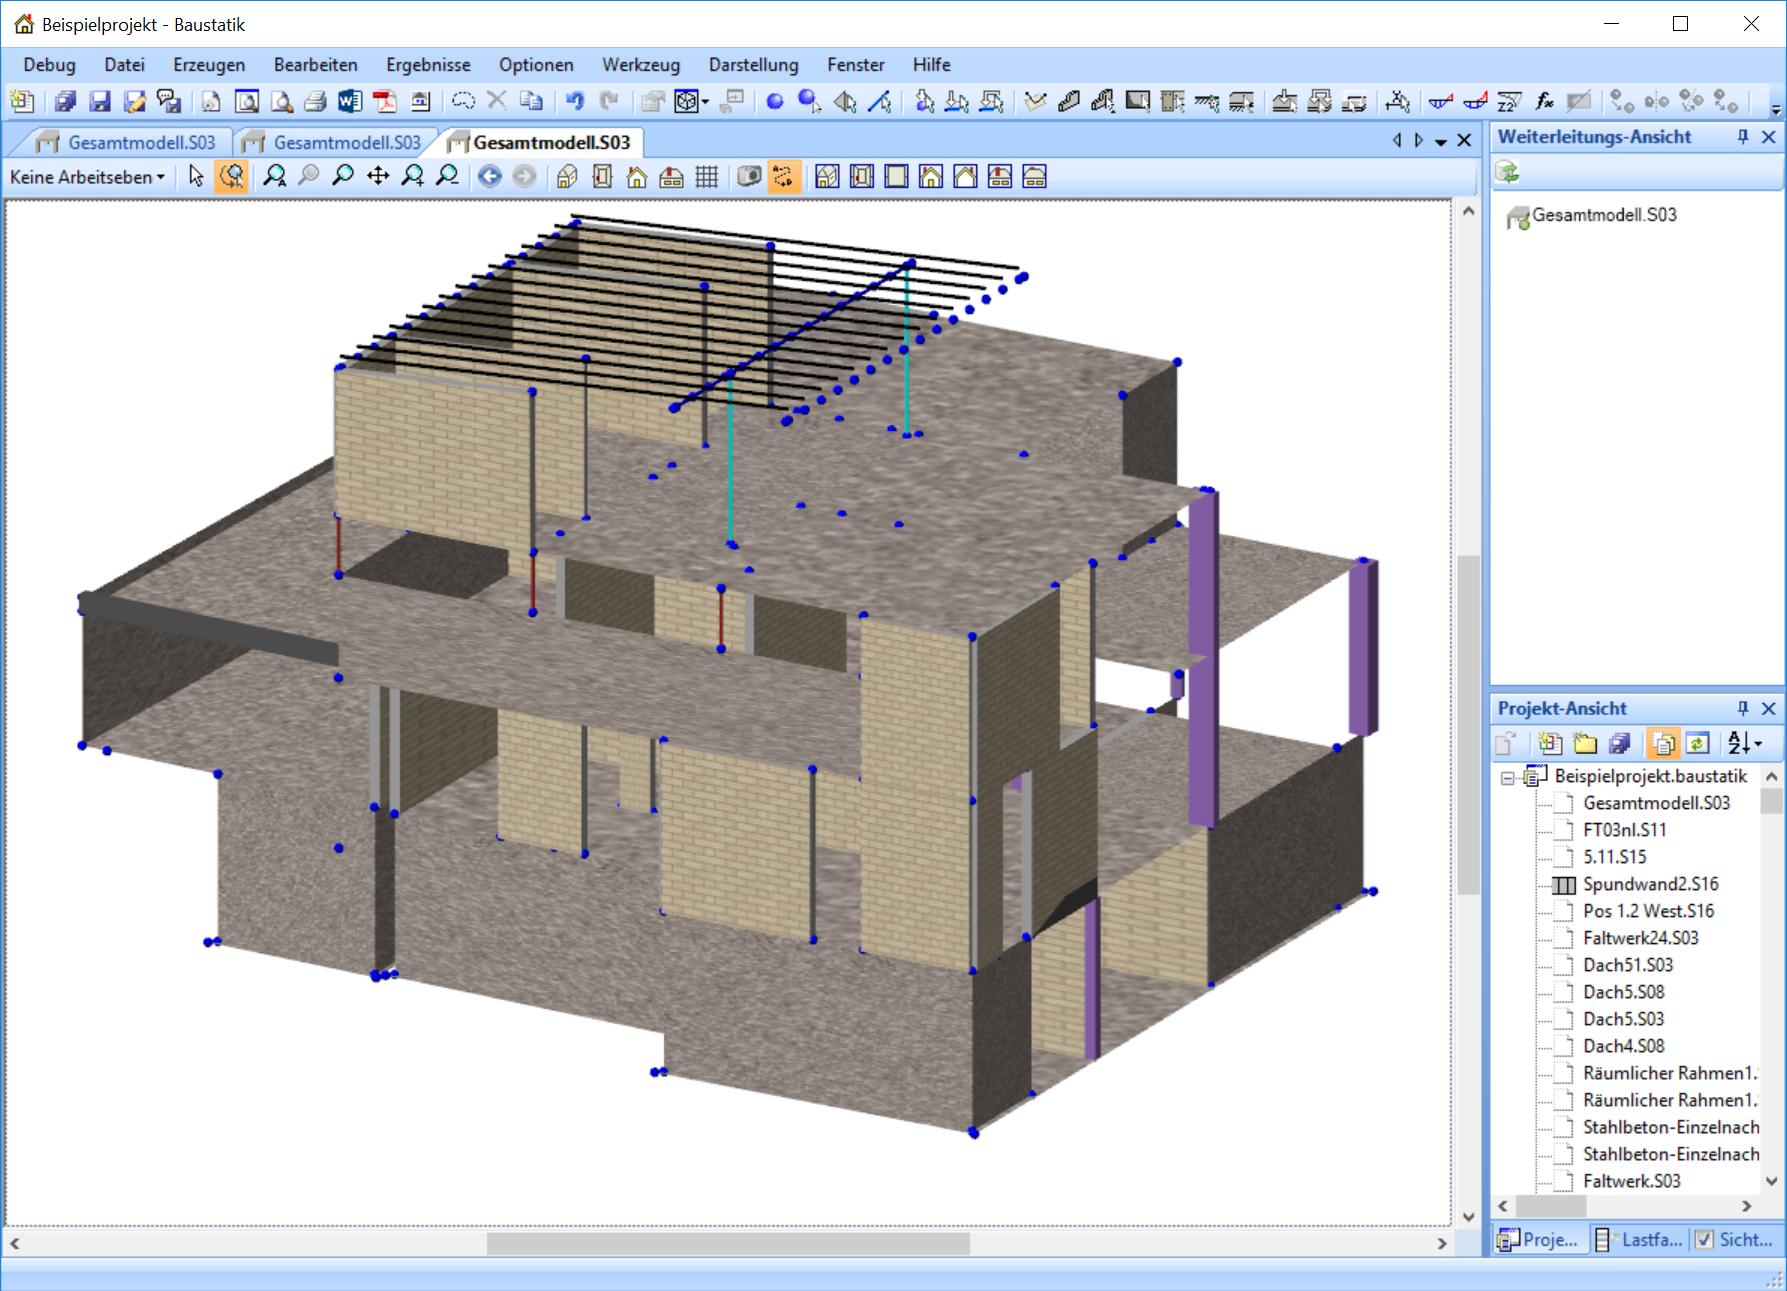 Am Beispiel Dieses Komplexen Gebaudes Konstruiert Und Berechnet Mit Der Baustatik Von Gerd Paul Koch Bauingenieure Zeig Baustatik Visualisierung Bauingenieur